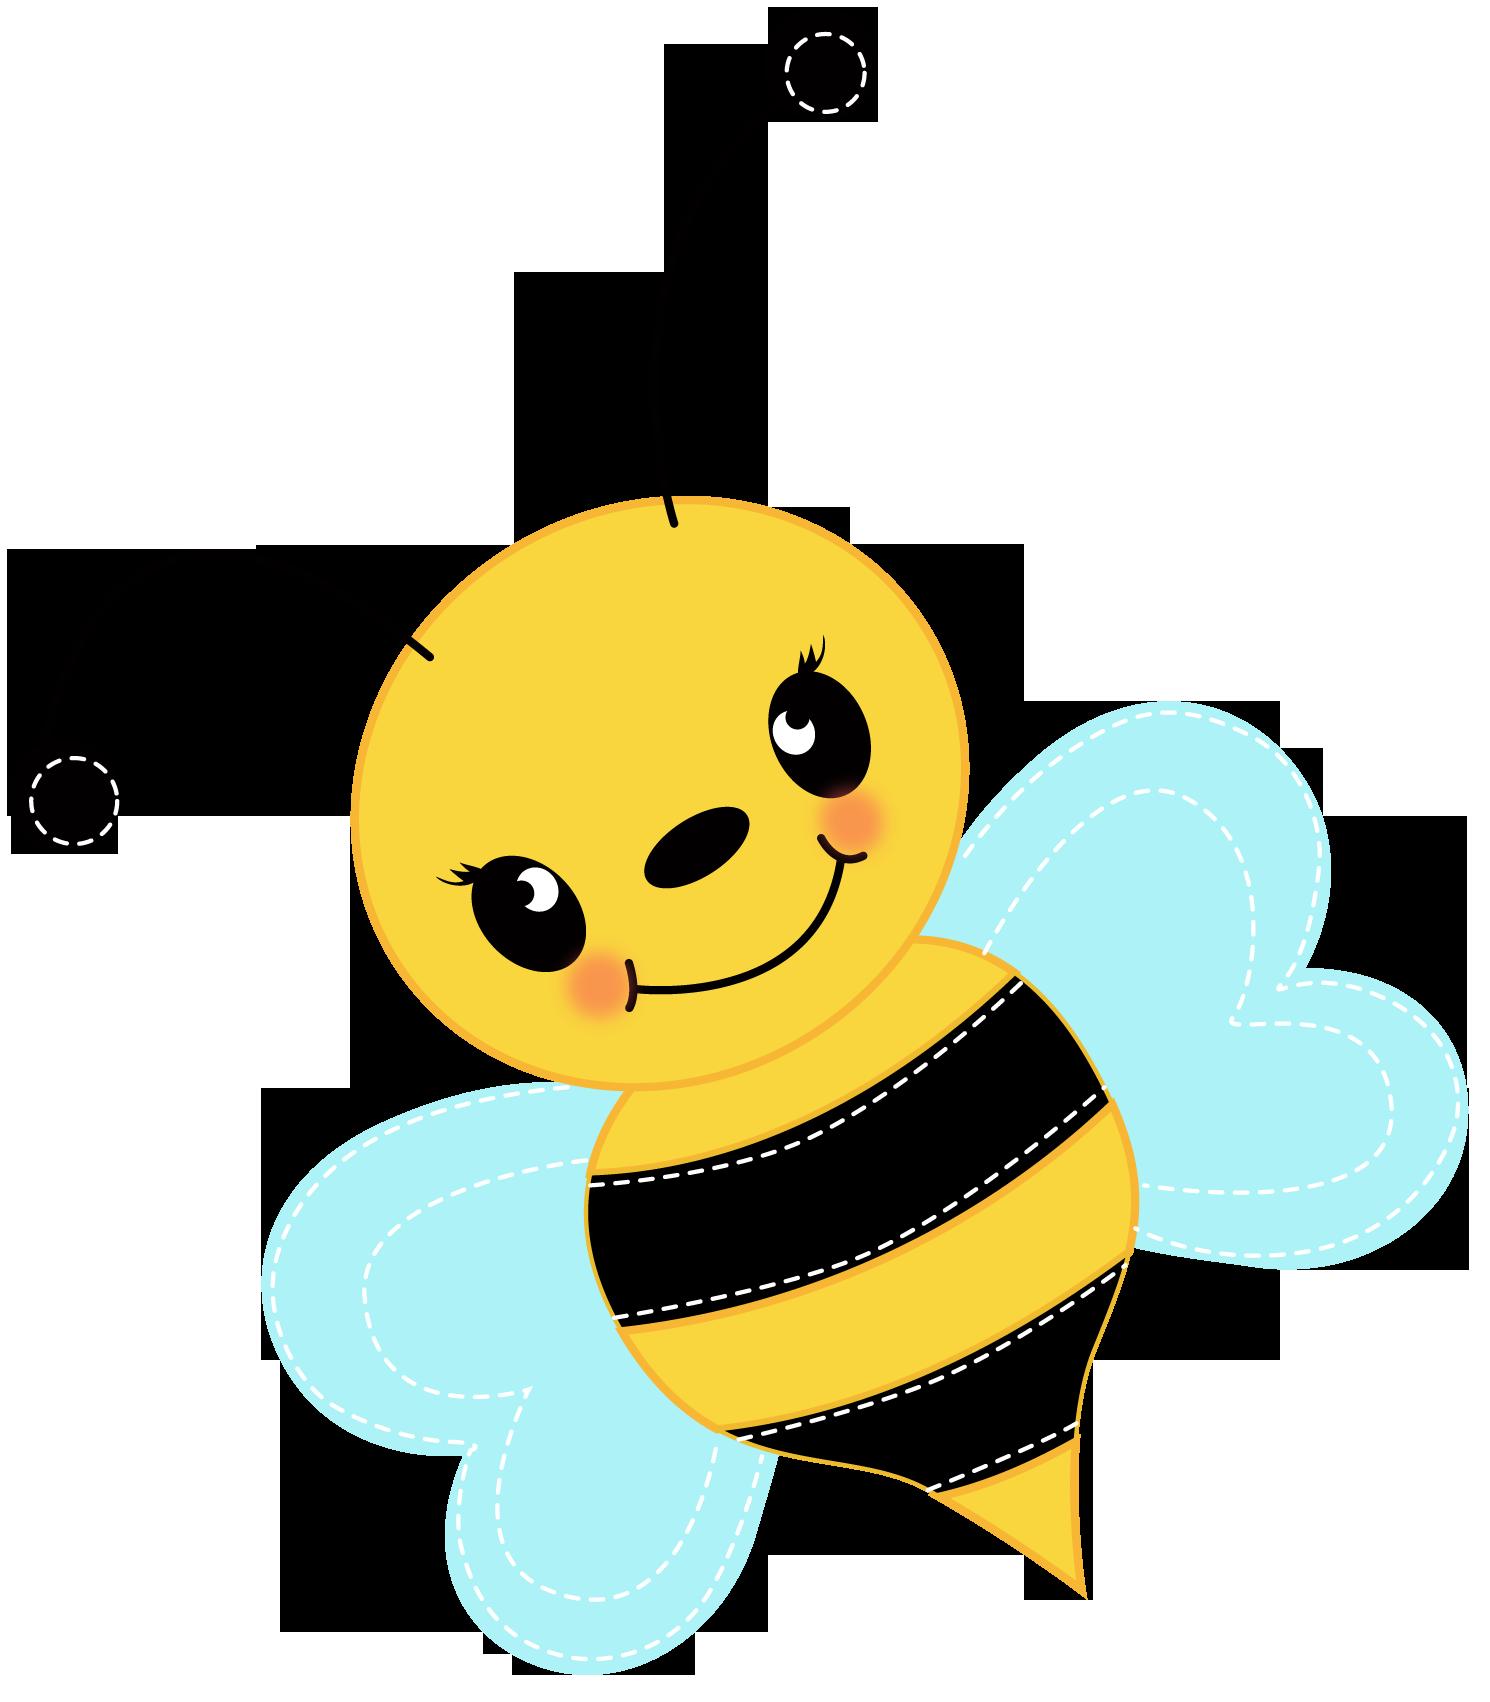 clipart transparent download Bumblebee clipart comb. Imagination art pinterest bees.